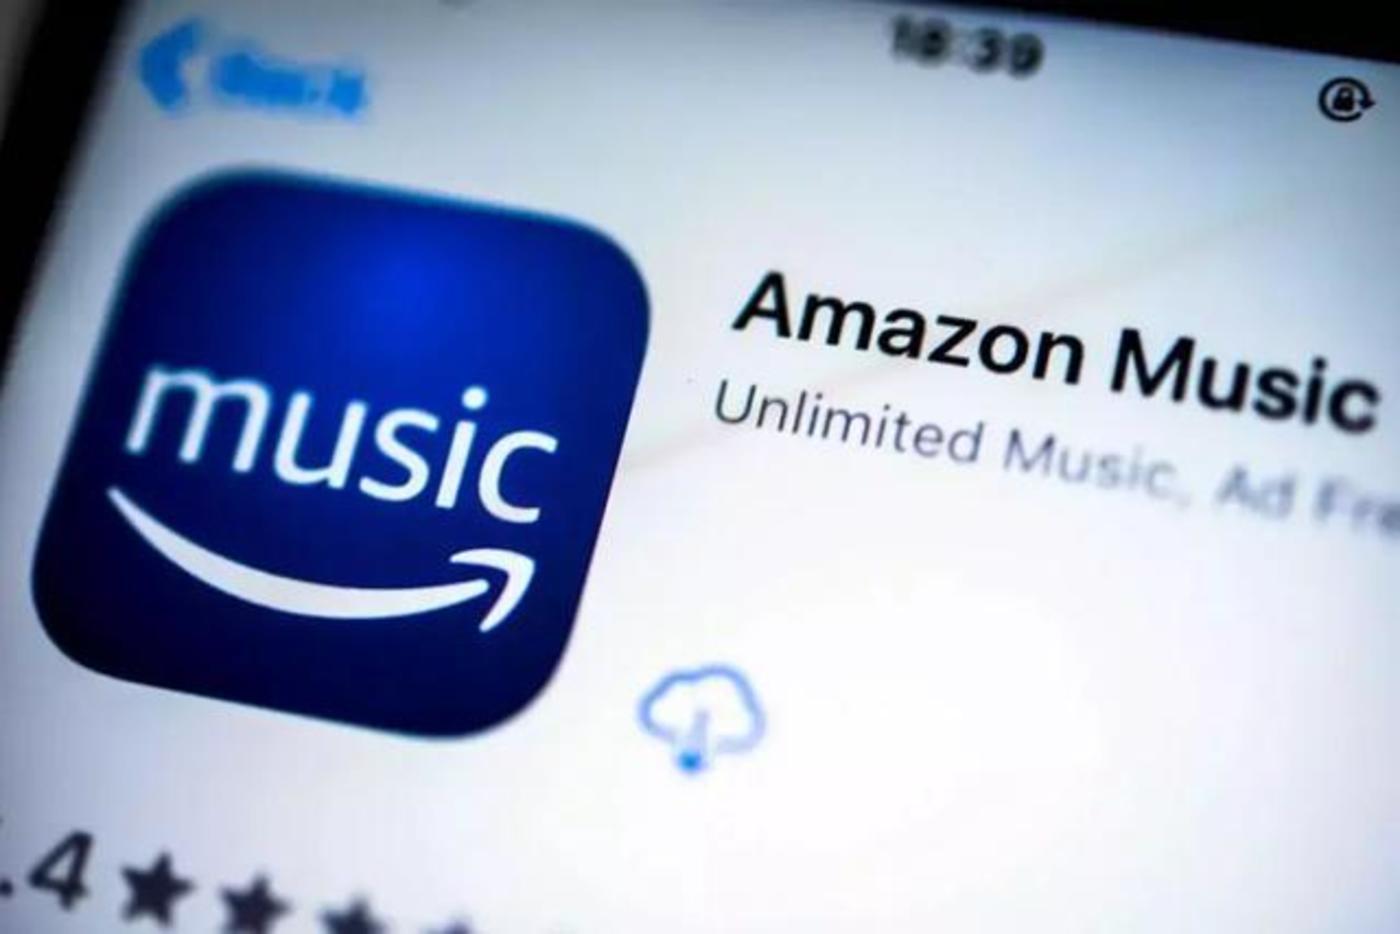 ?亚马逊和谷歌推出免费增值流媒体音乐服务,将改变全球音乐市场格局